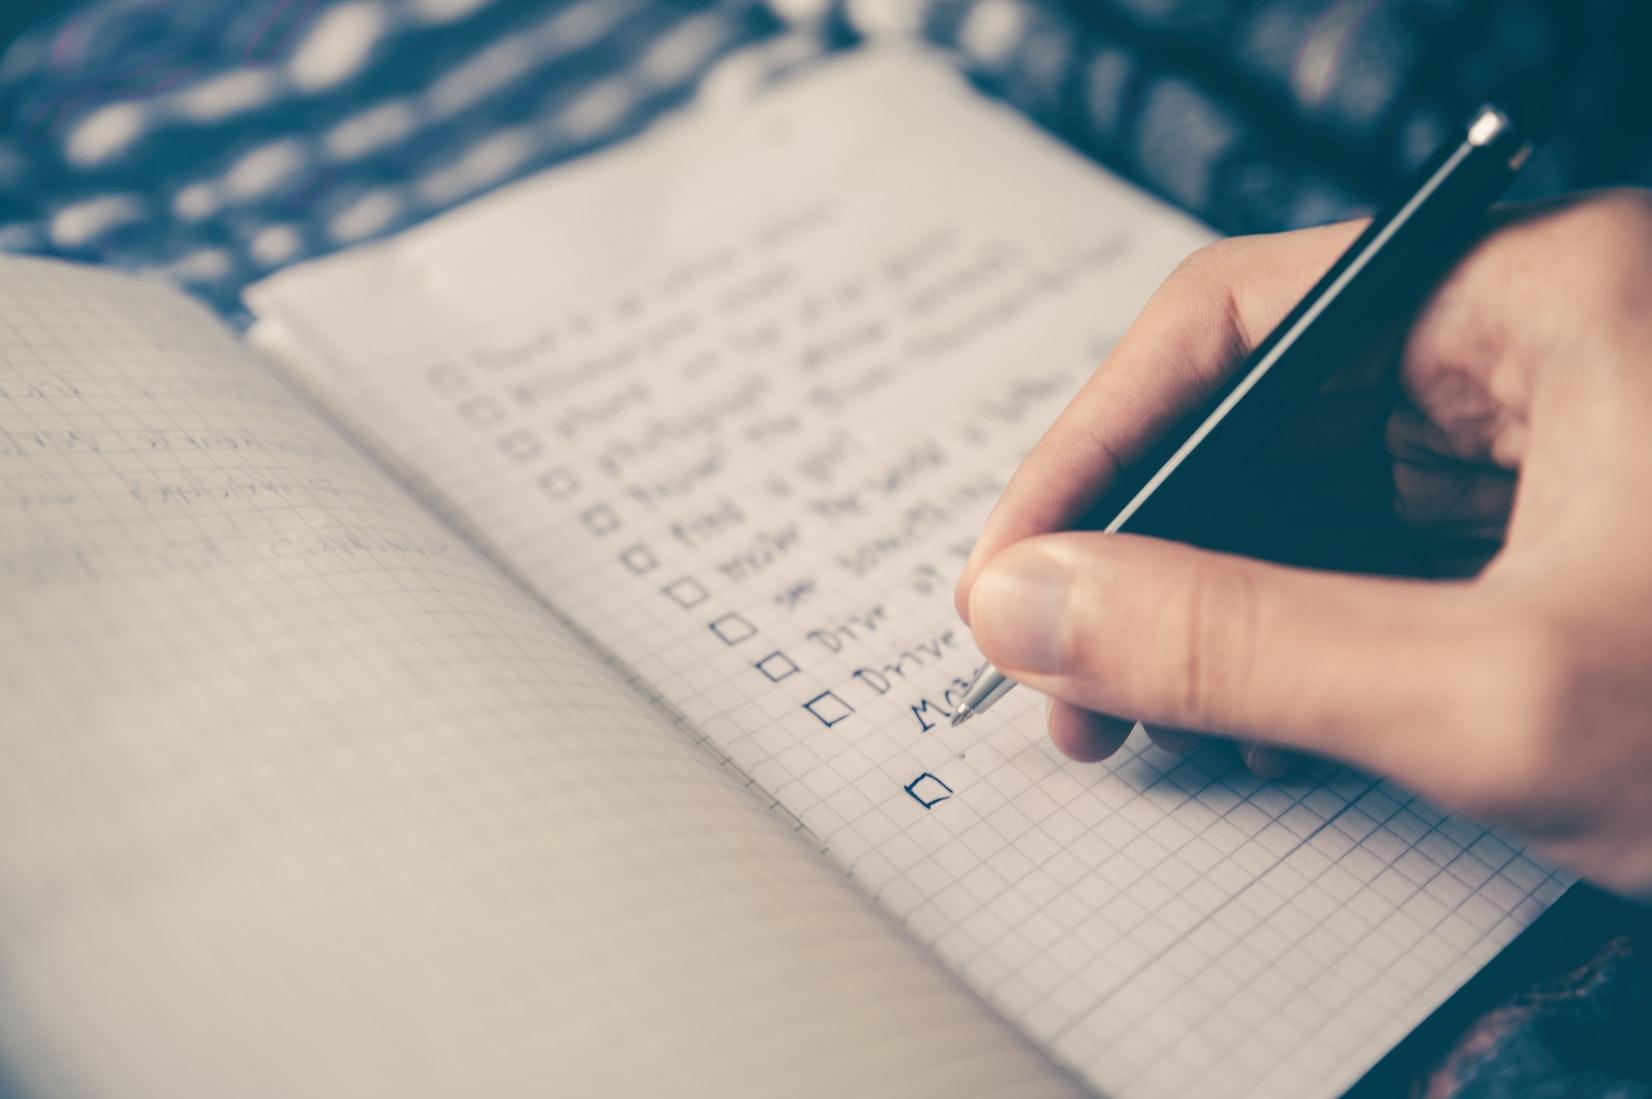 La checklist definitiva per salpare in sicurezza